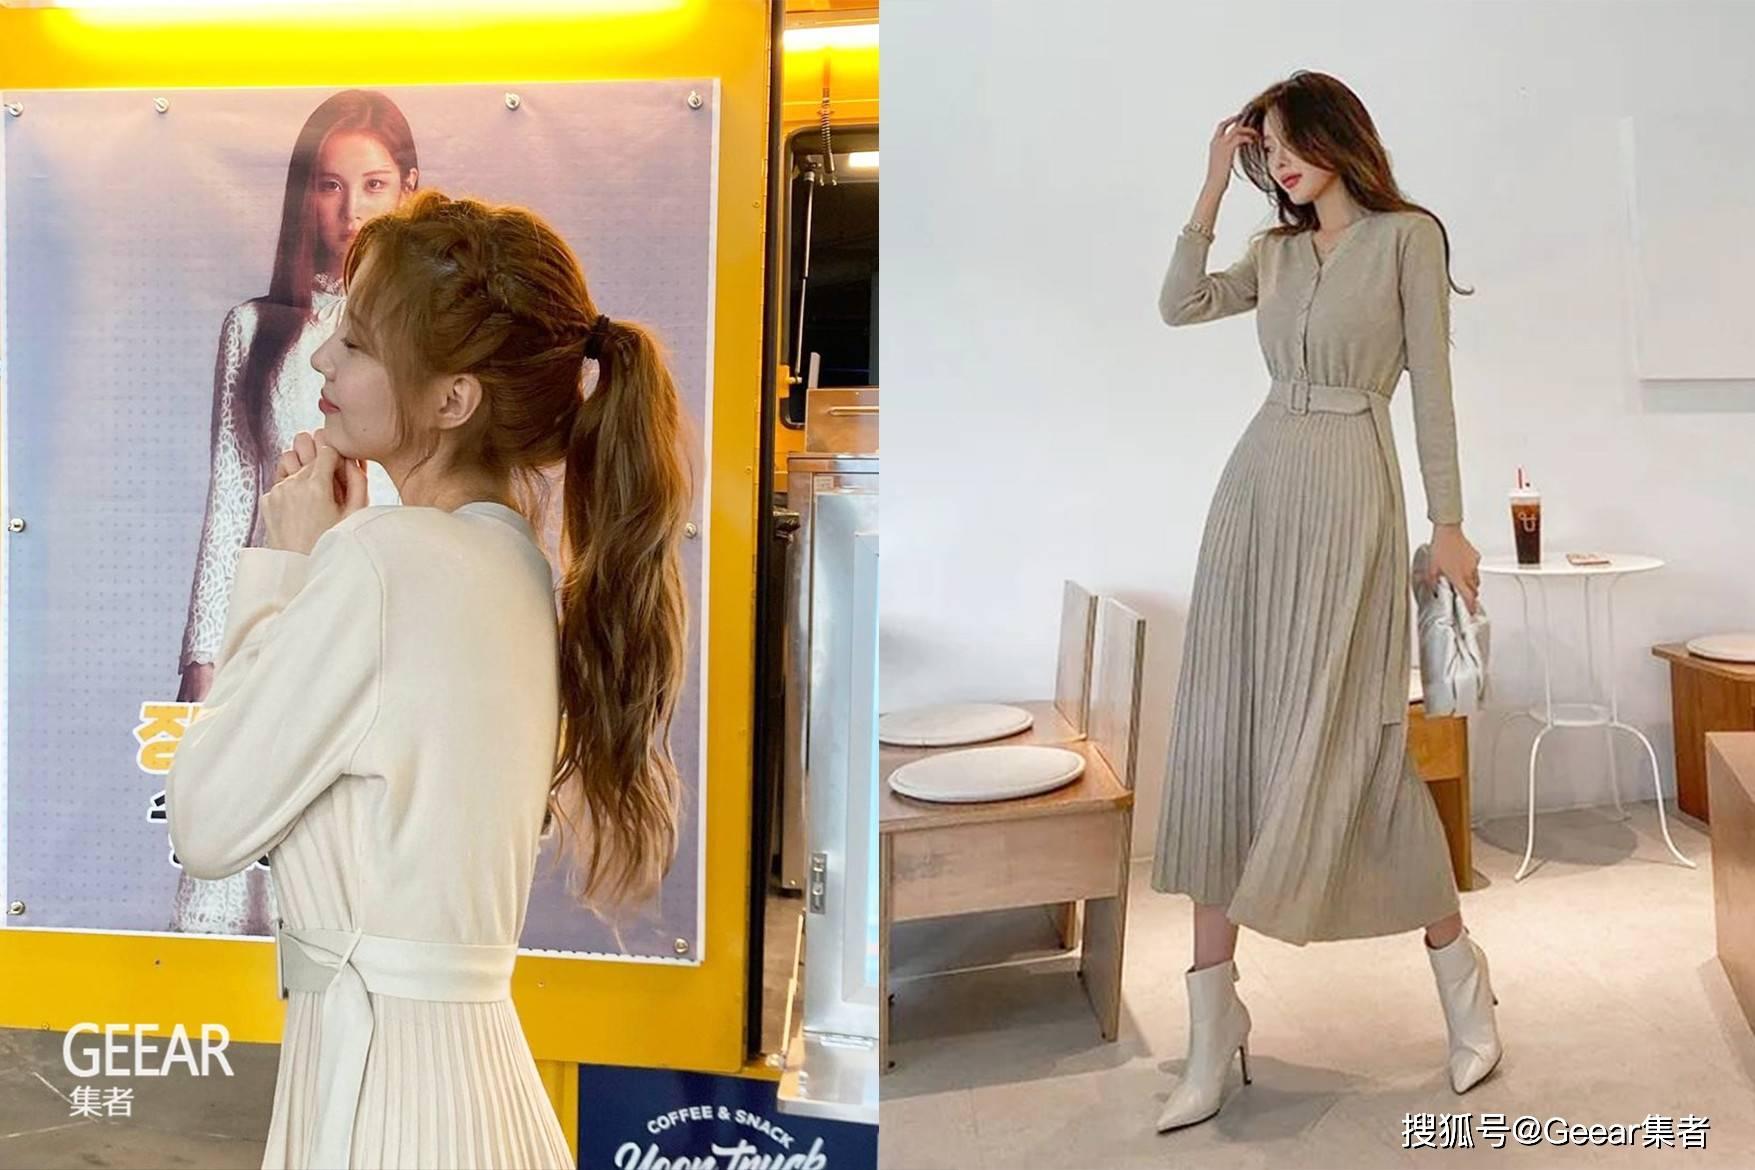 徐玄这条米色连衣裙,将衣服穿出高级感的代表!